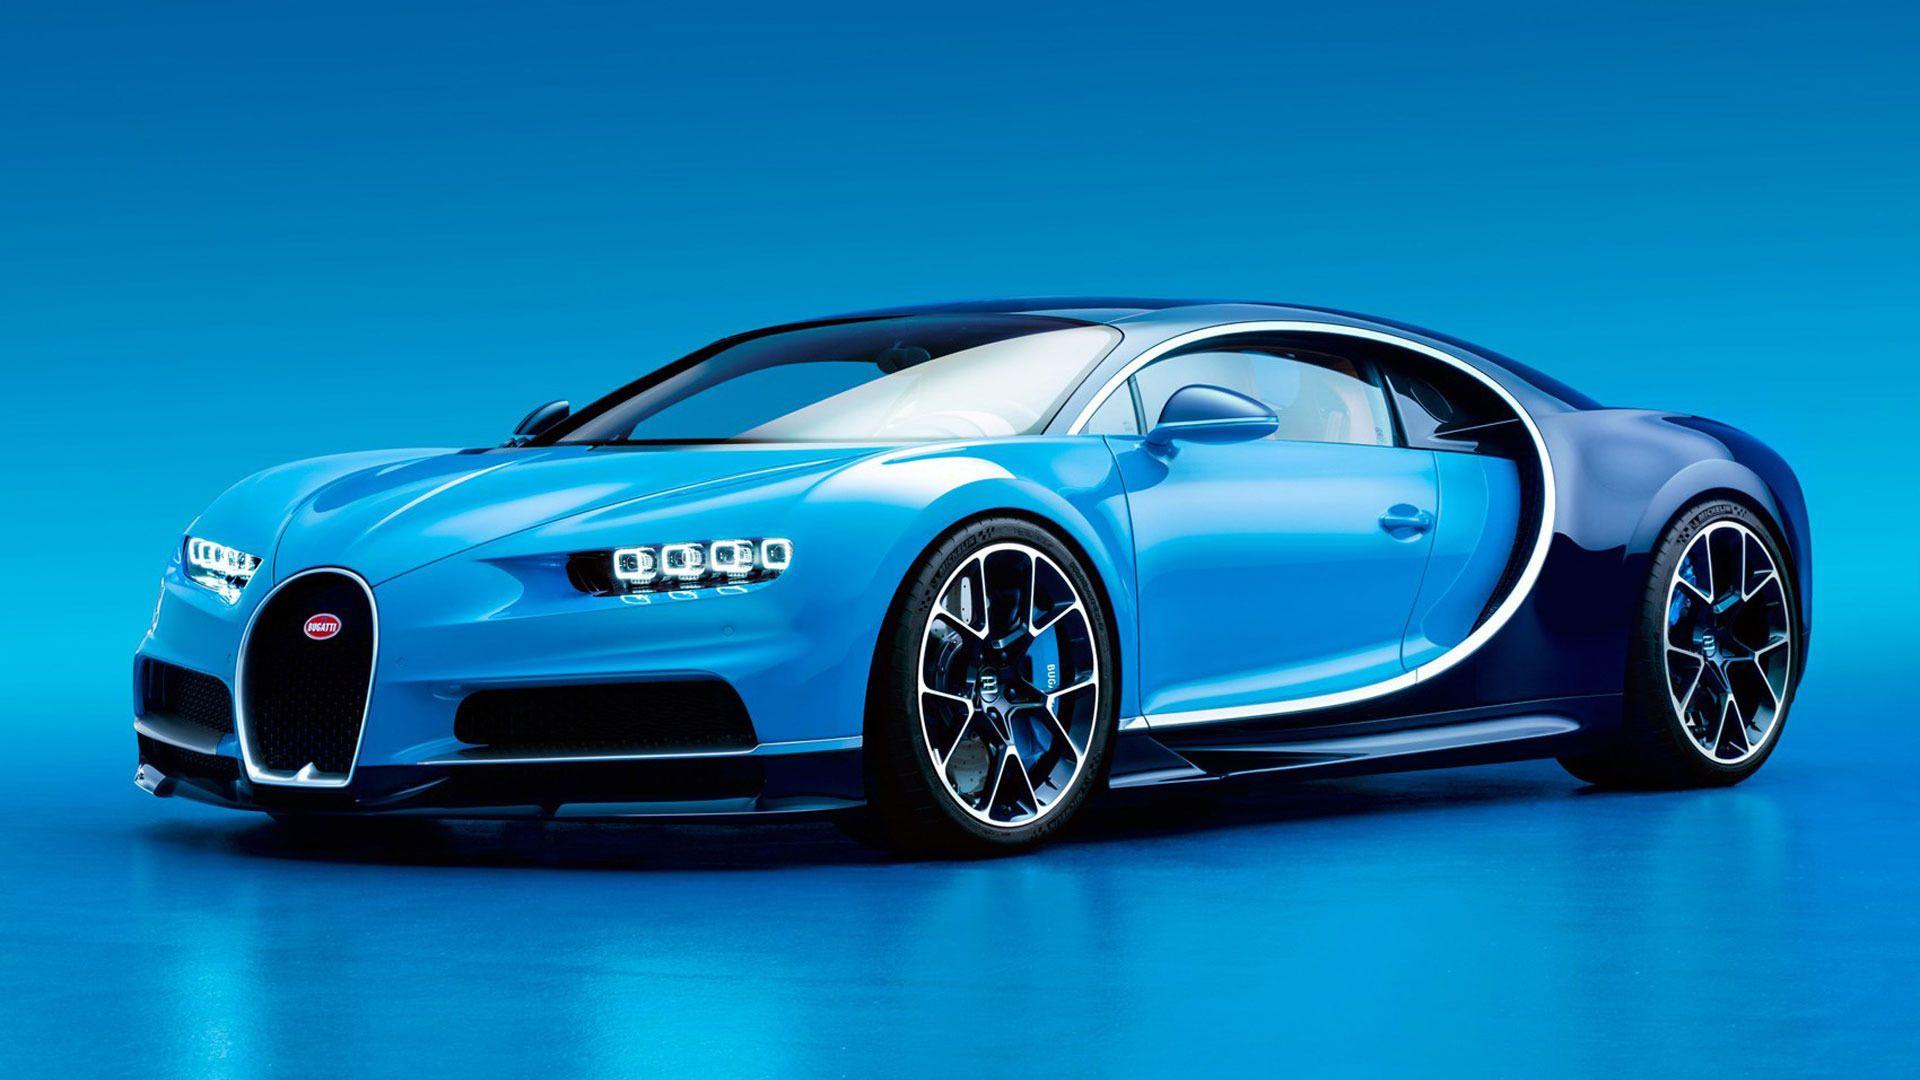 2020 Bugatti Chiron Bugatti Chiron Bugatti Wallpapers Bugatti